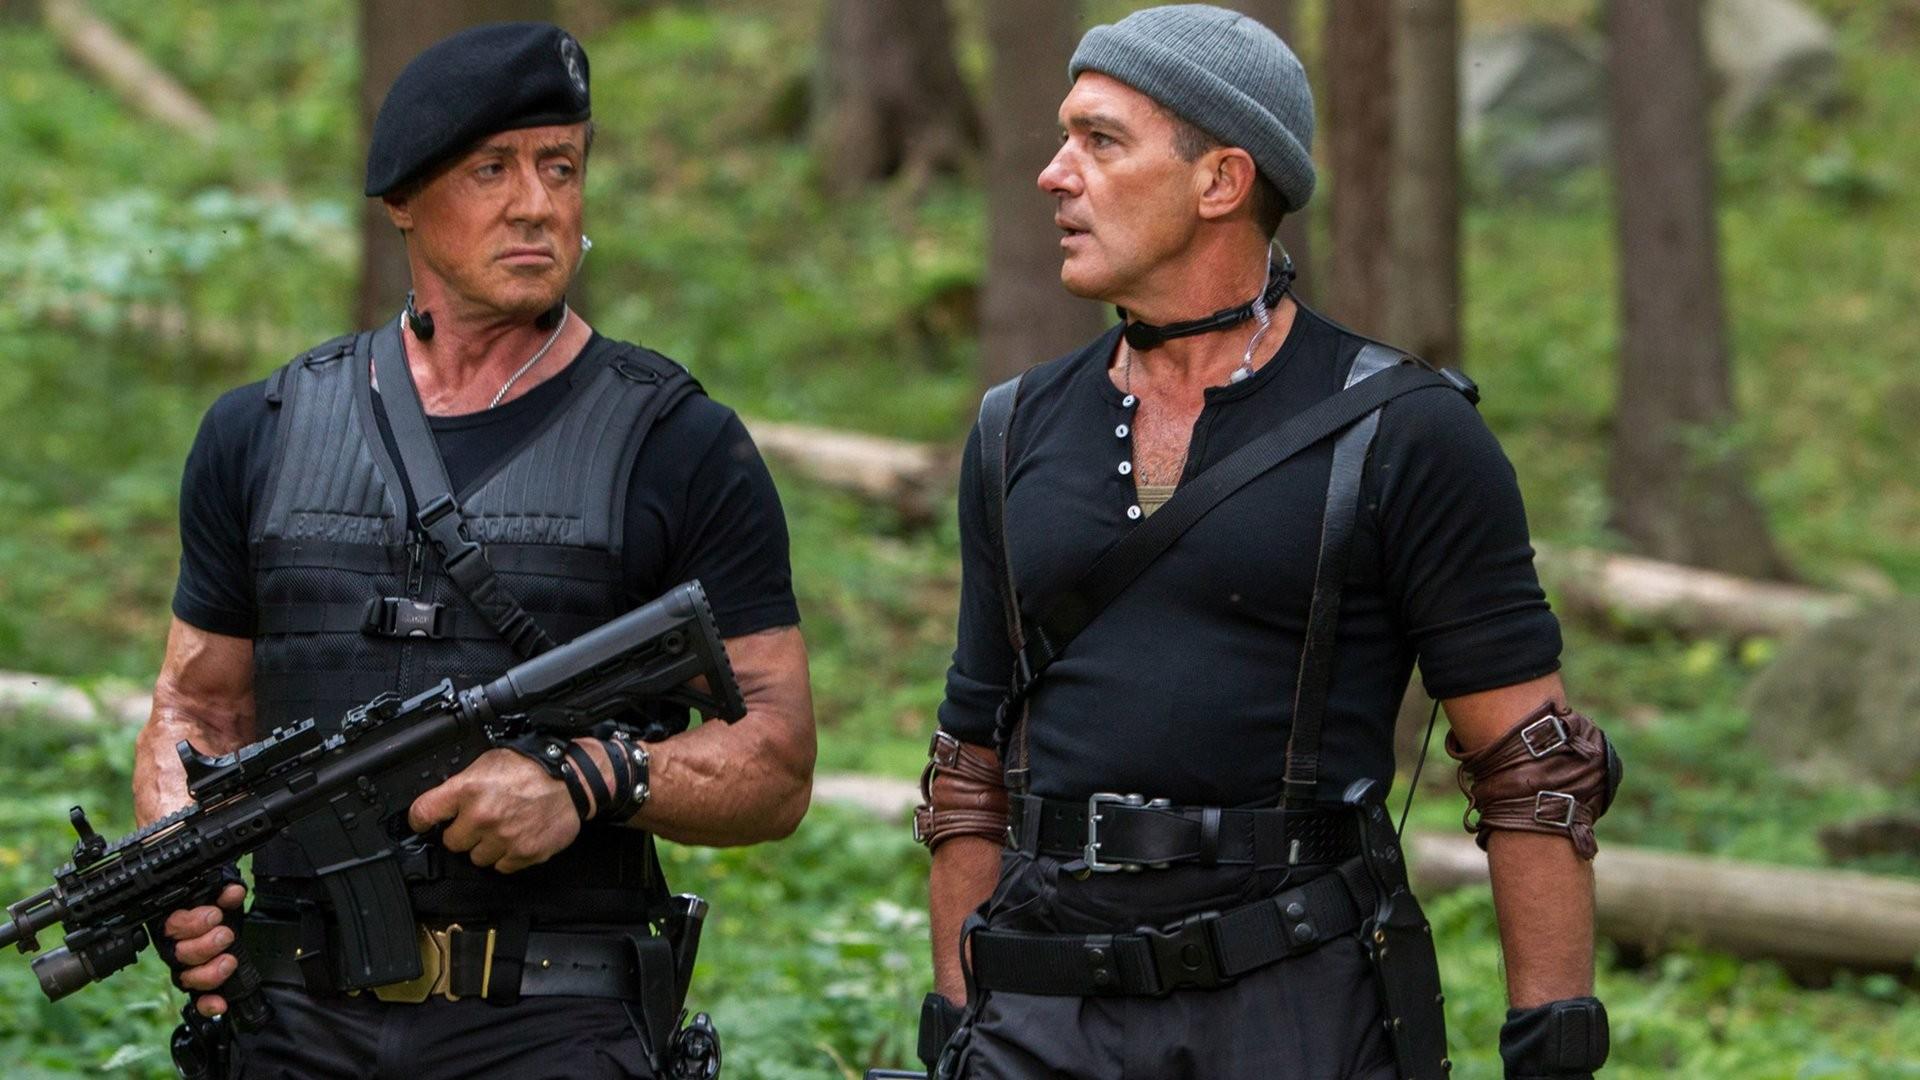 Sylvester Stallone In Expendables 2 Wallpapers: Los Mercenarios 3 Fondo De Pantalla HD